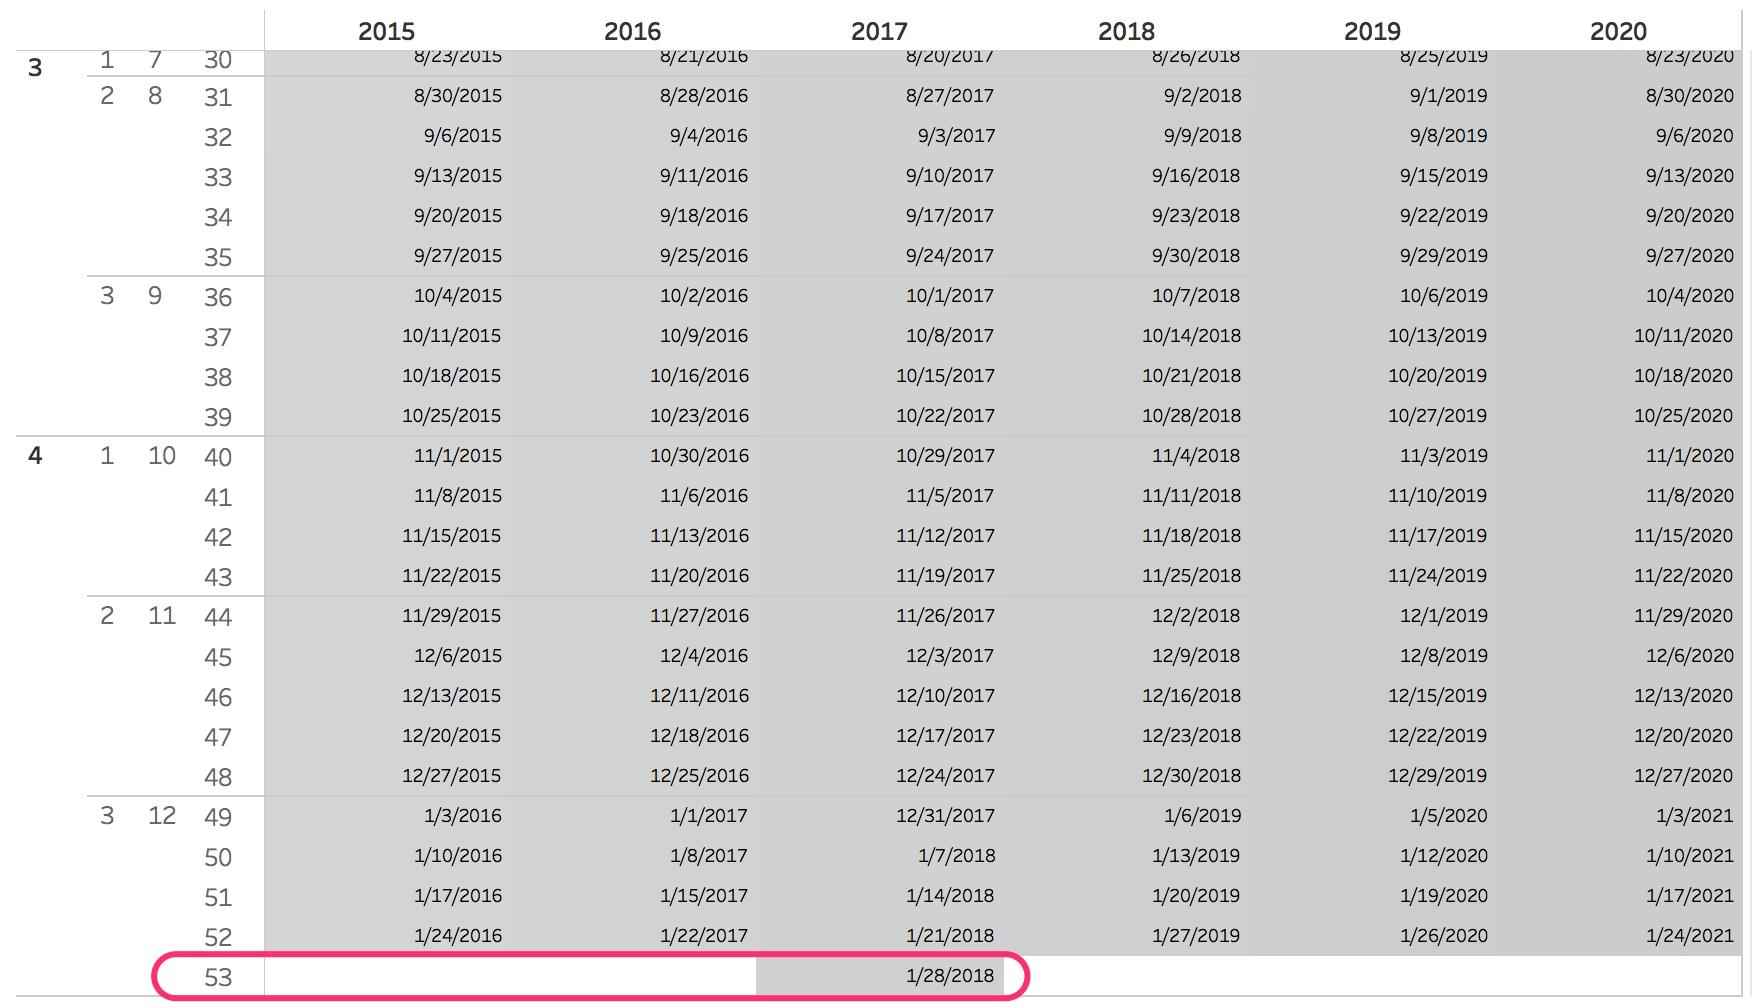 Creating A 4 5 4 Retail Calendar Using Sql And Dbt   Calogica 4 5 4 Calendar 2019